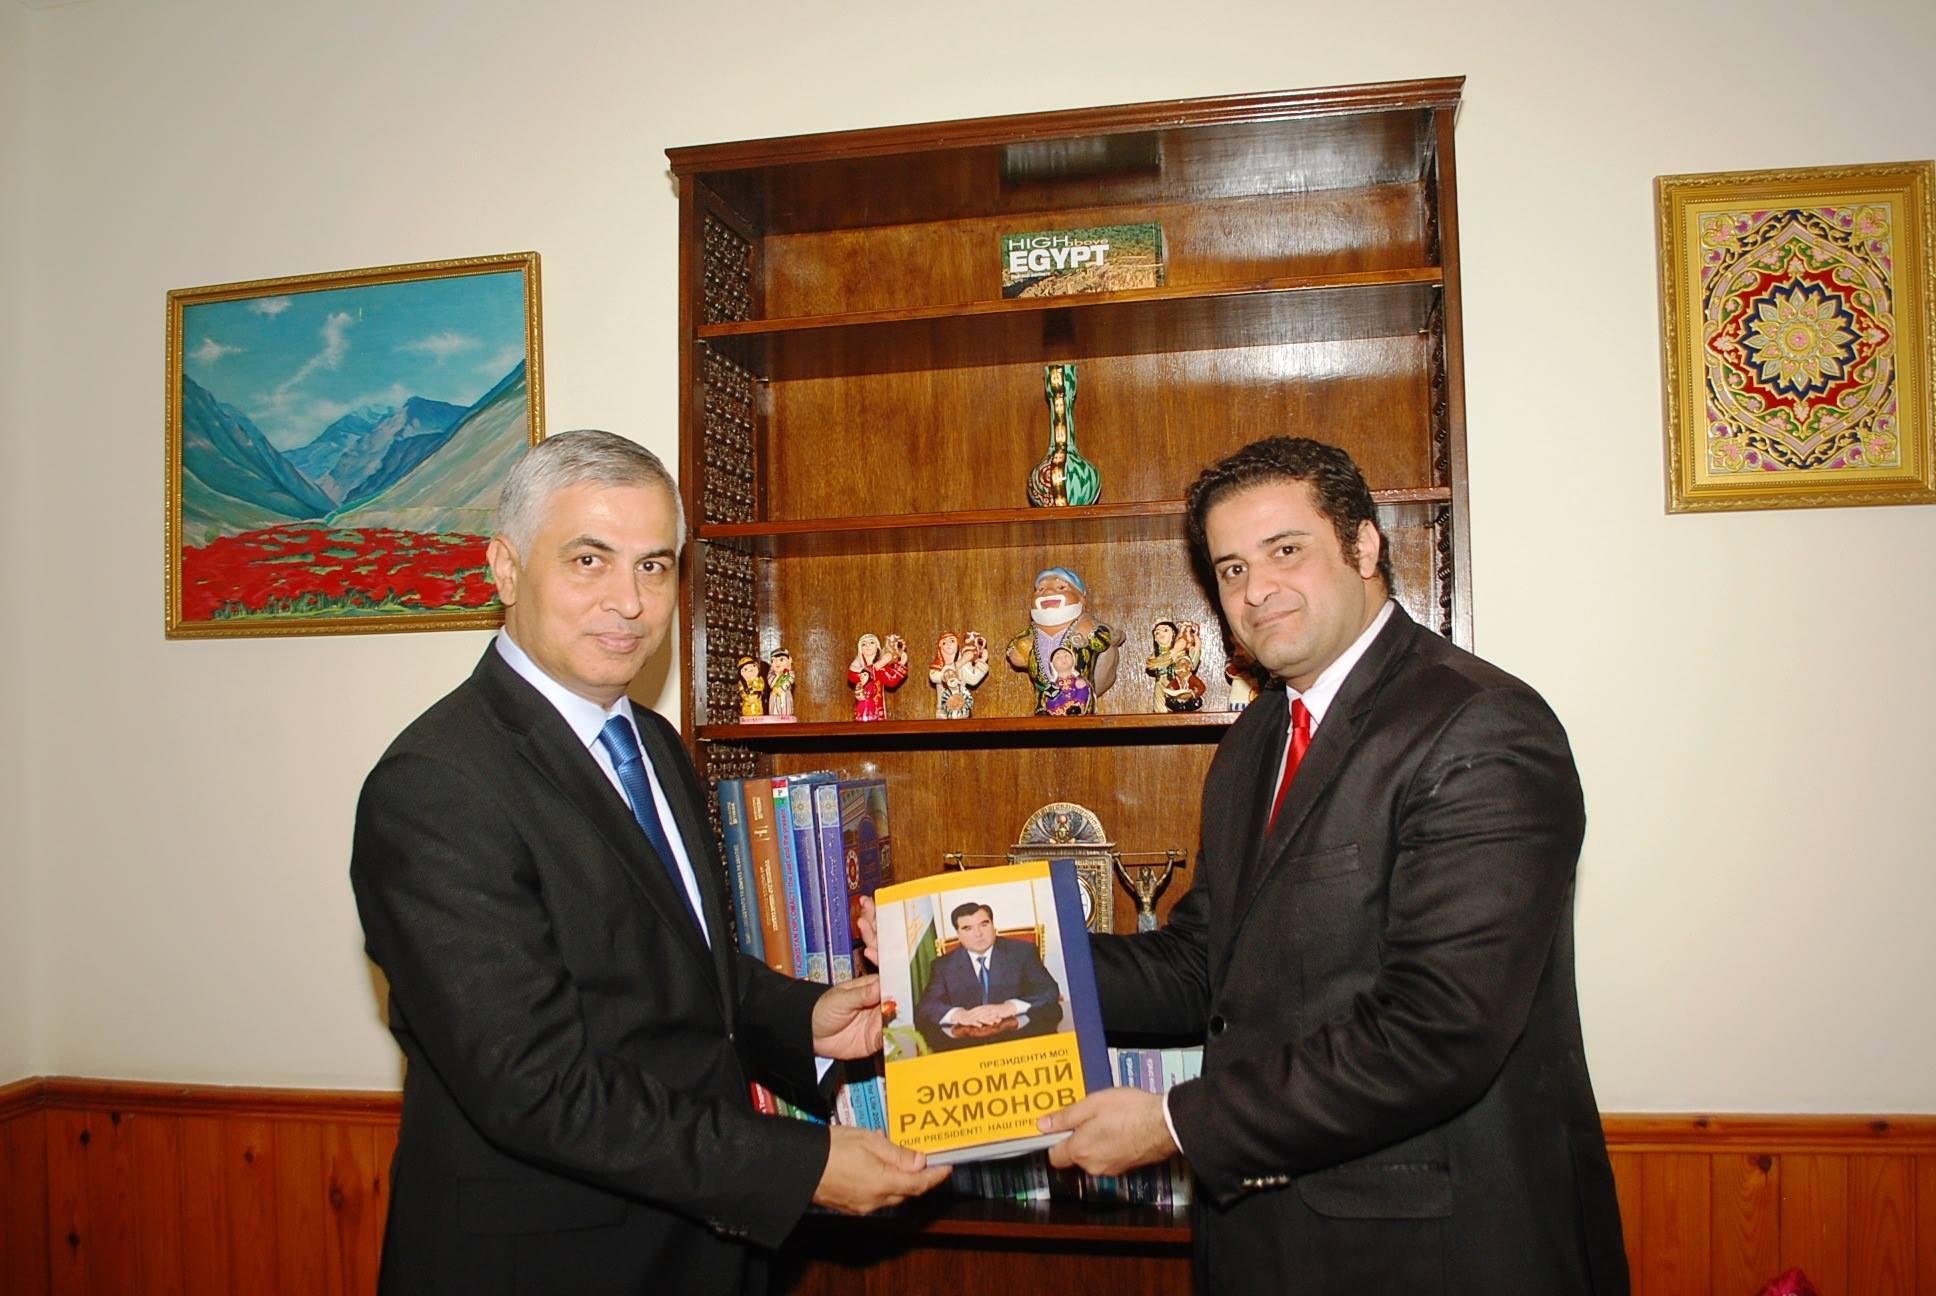 سفير تاجيكستان يؤكد وقوف دولته دائماً بجوار مصر في المراحل الدقيقة في المستقبل